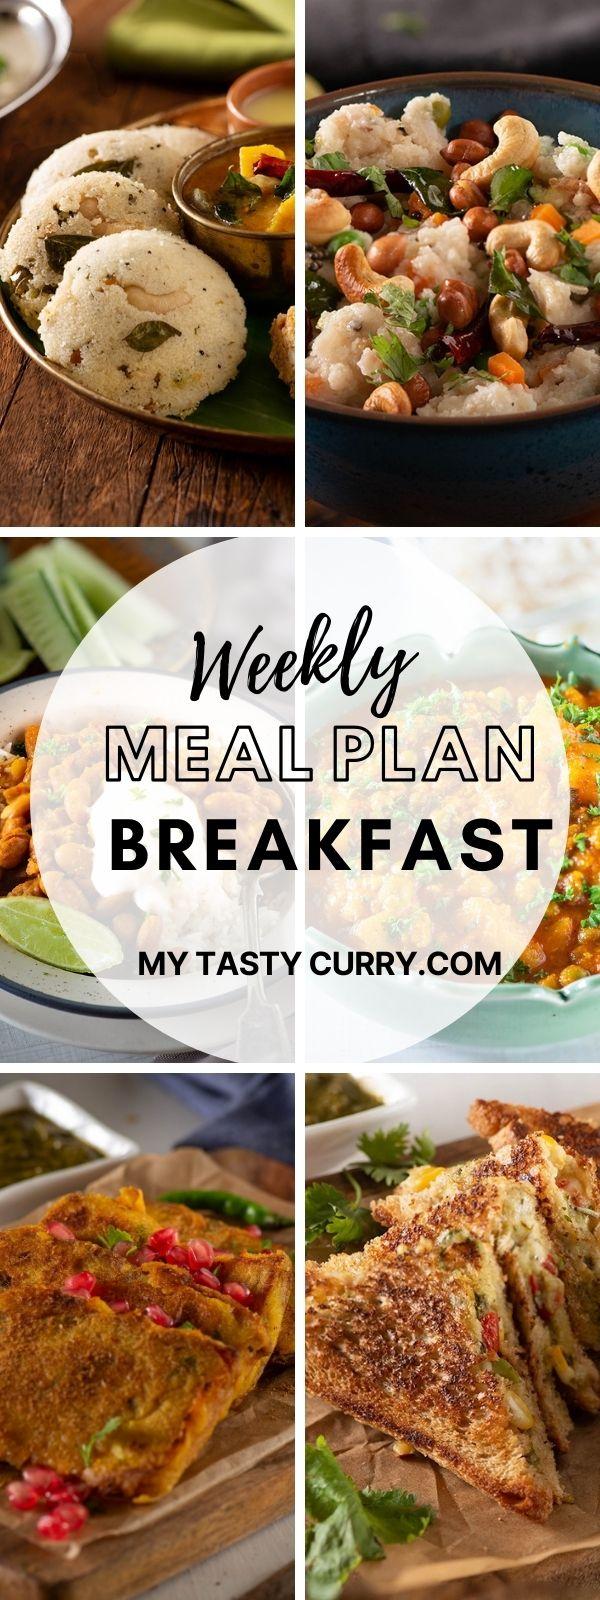 menu plan week's breakfast